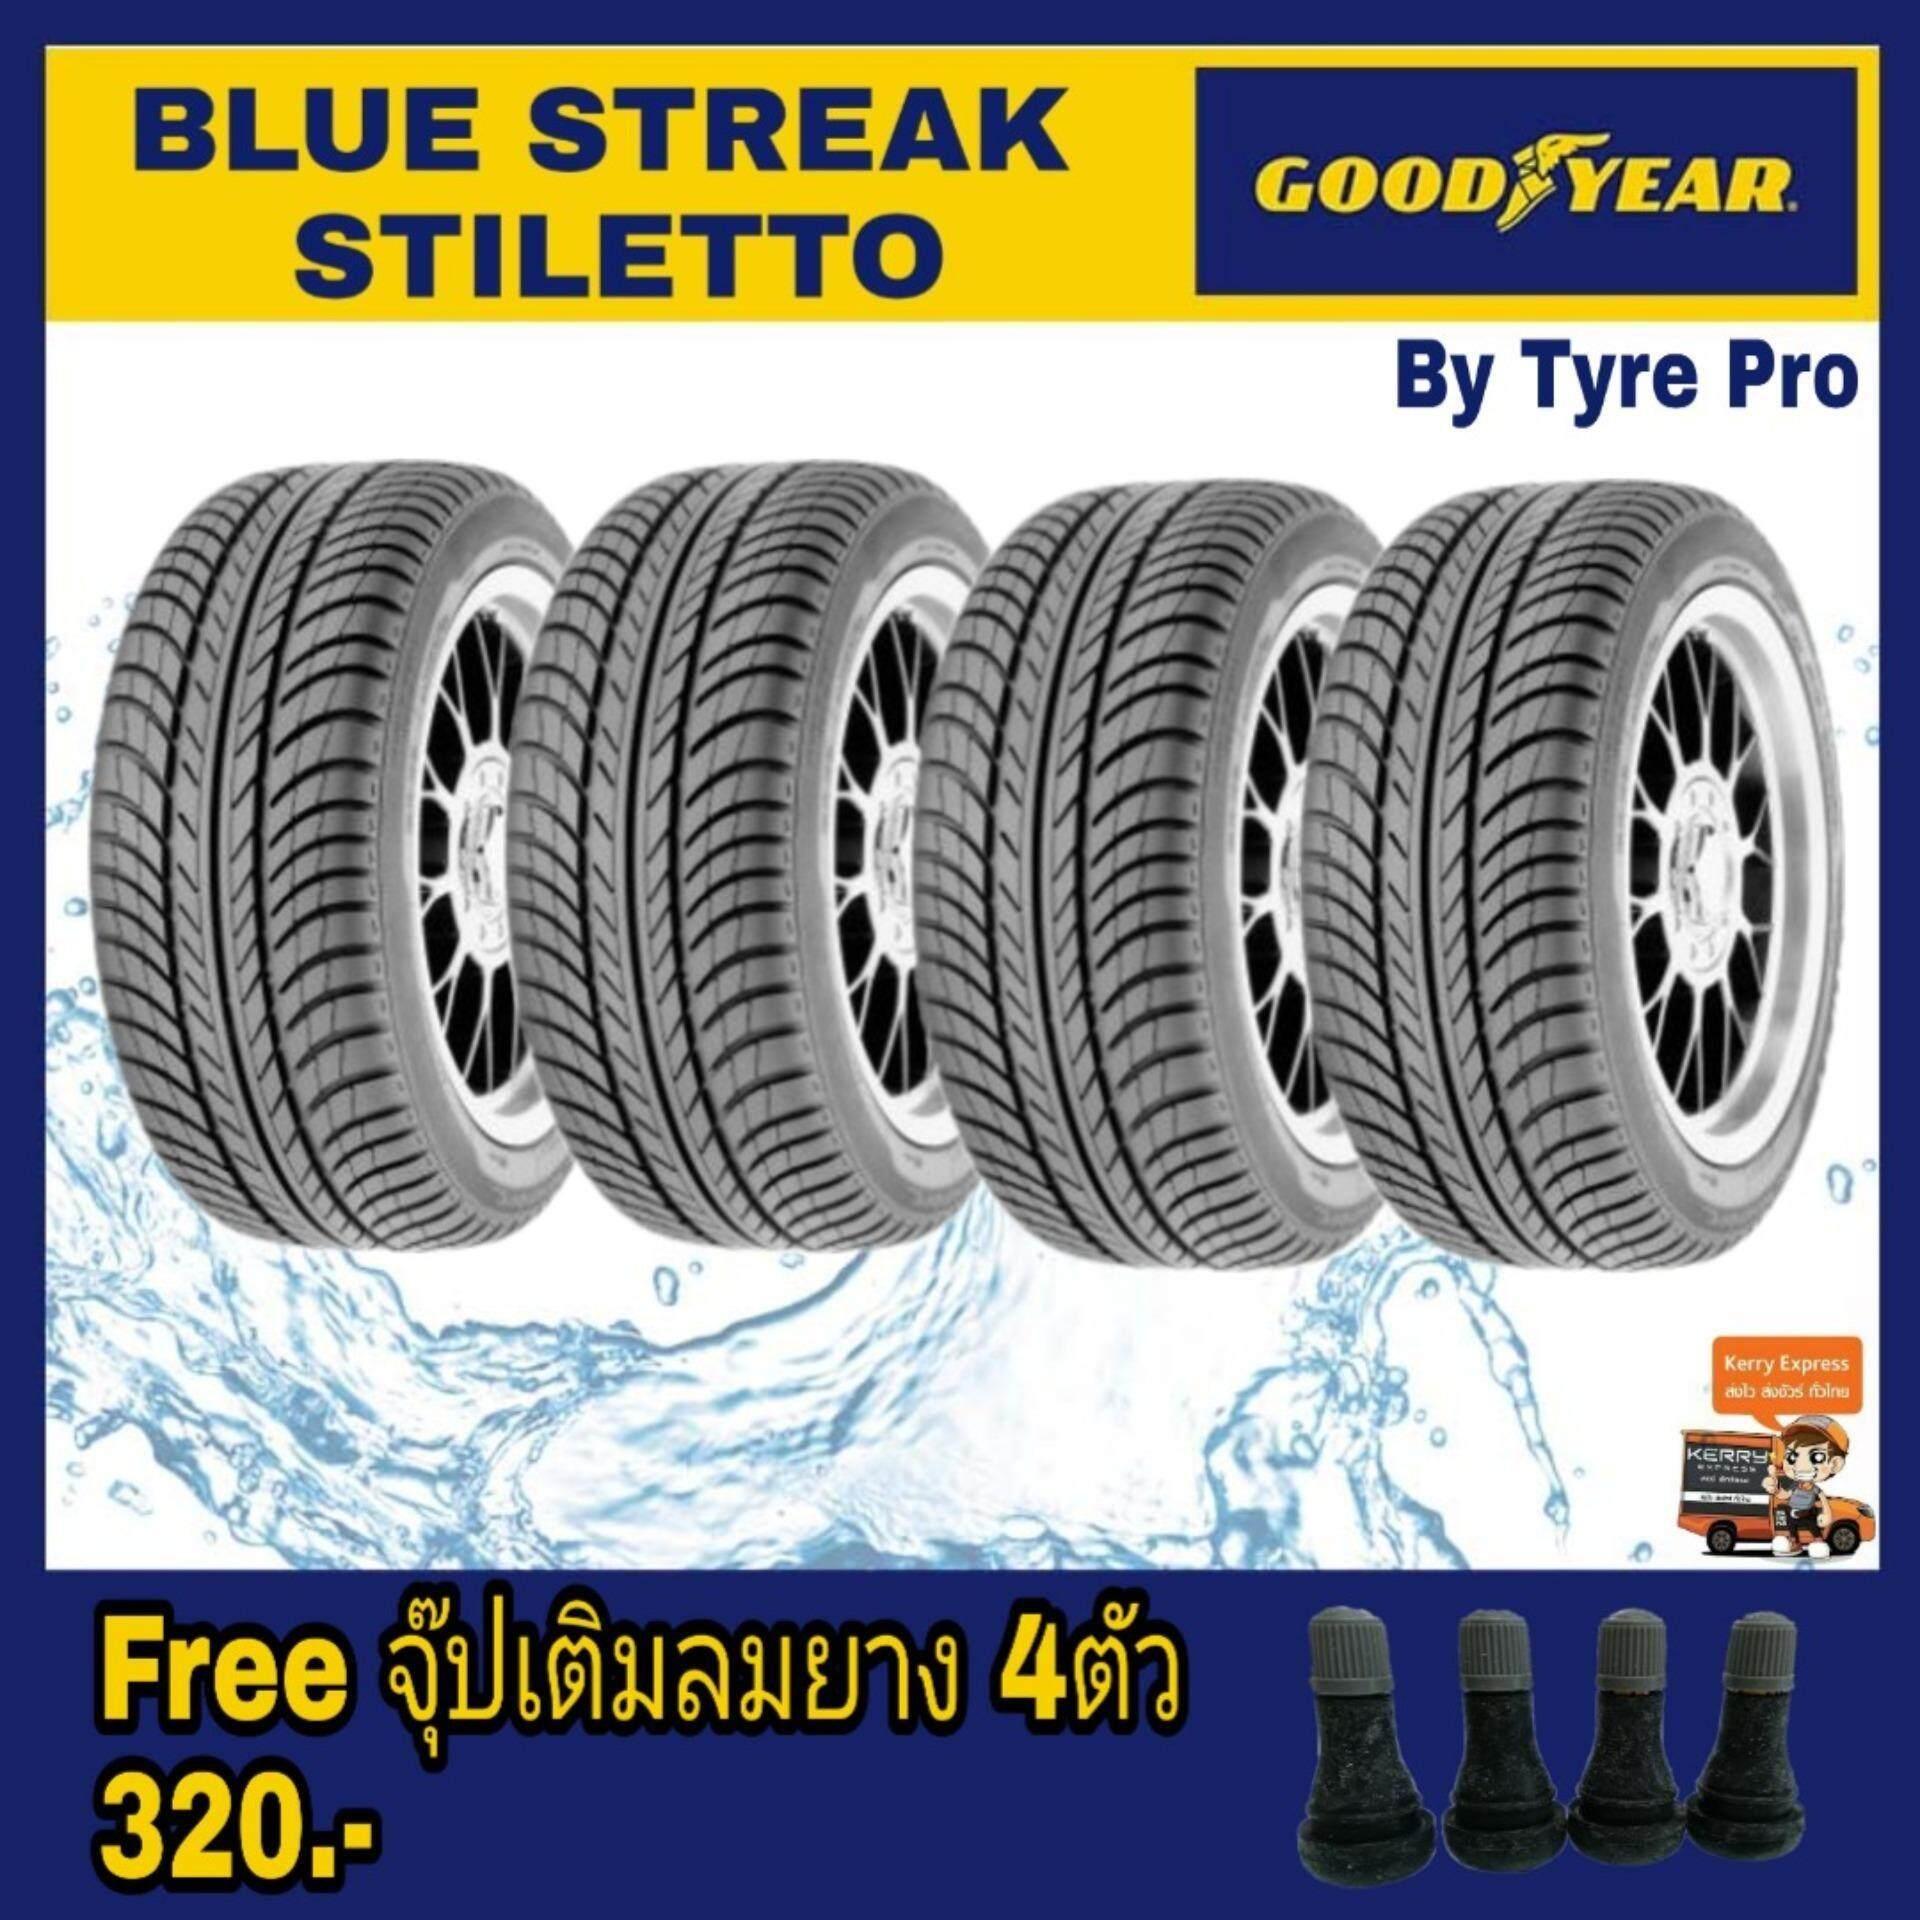 ประกันภัย รถยนต์ 2+ สมุทรสงคราม Goodyear ยางรถยนต์ 205/45R17 รุ่น Blue Streak Stiletto(4เส้น)